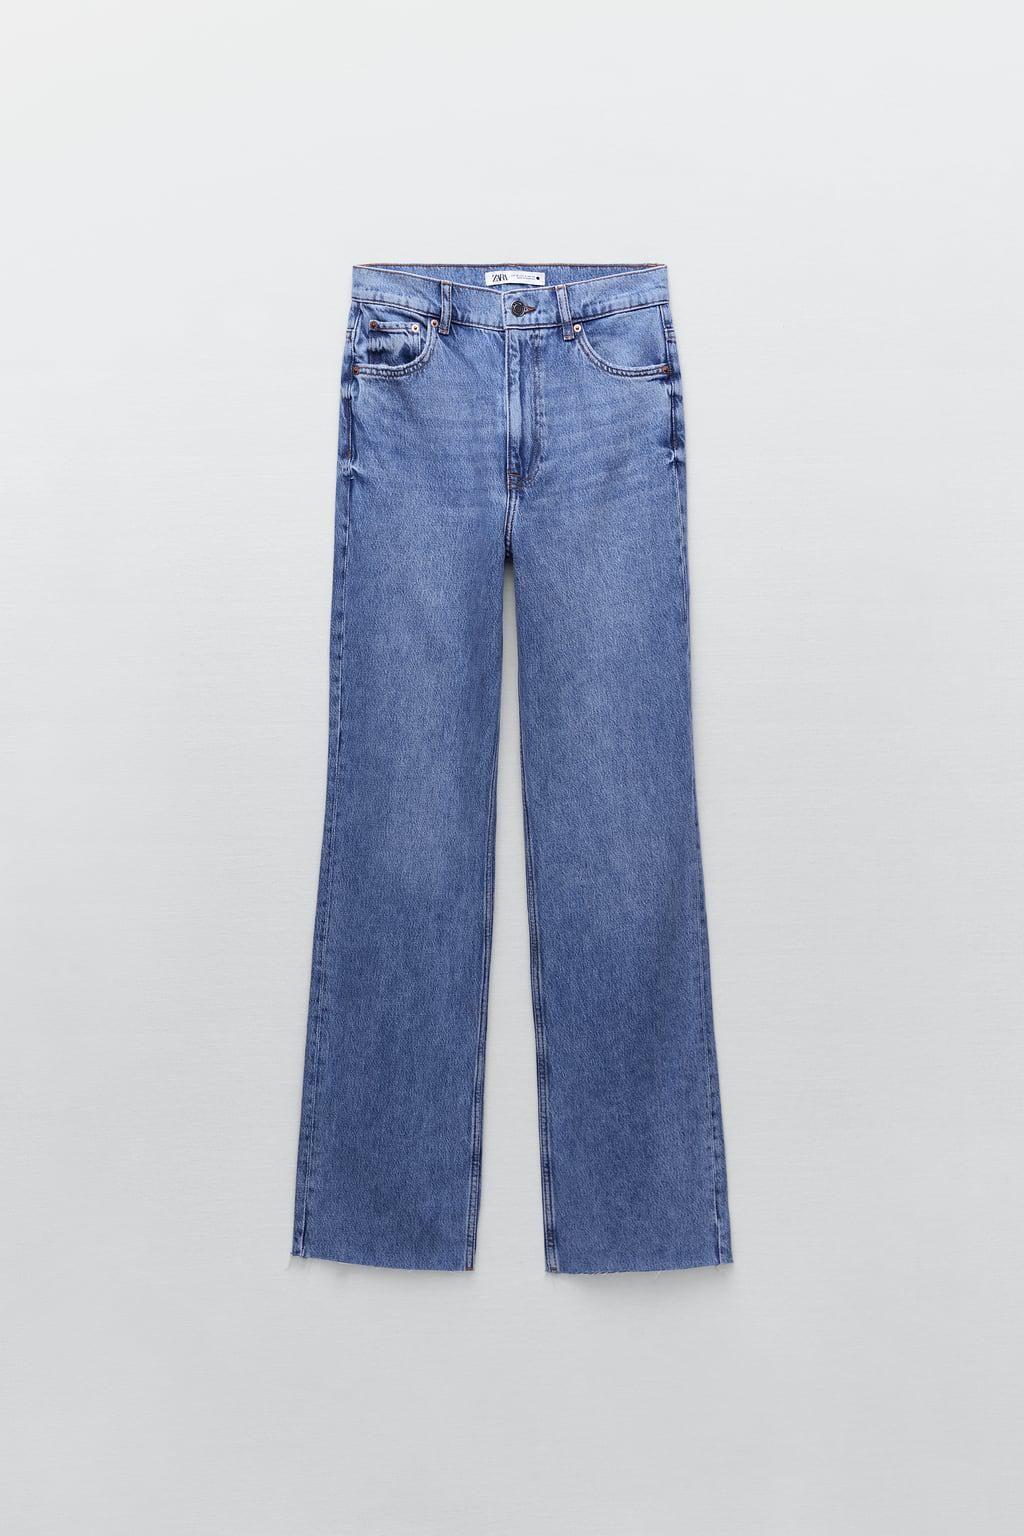 zara zw the 90s full length jeans